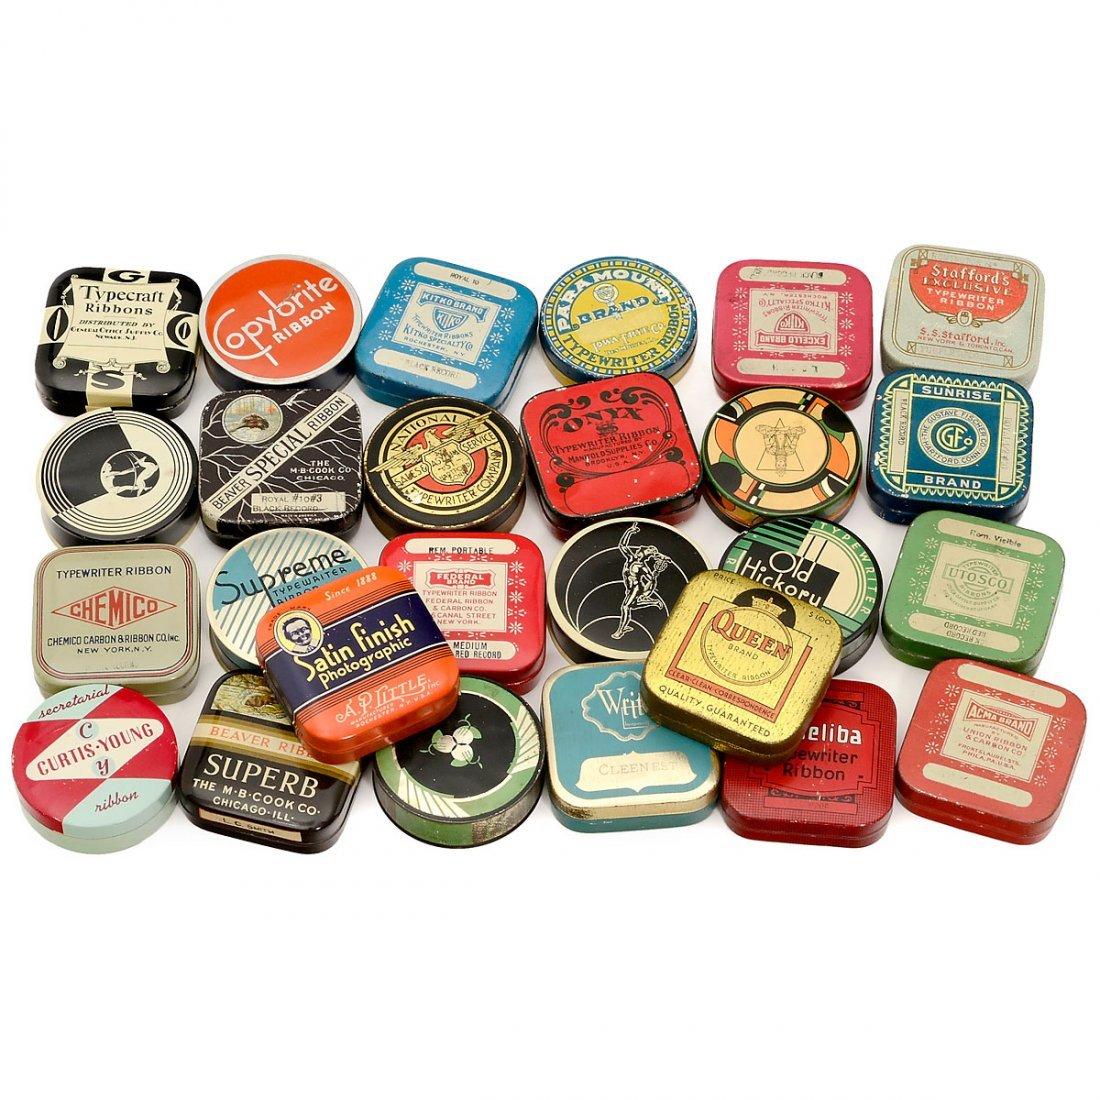 26 Typewriter Ribbon Tins